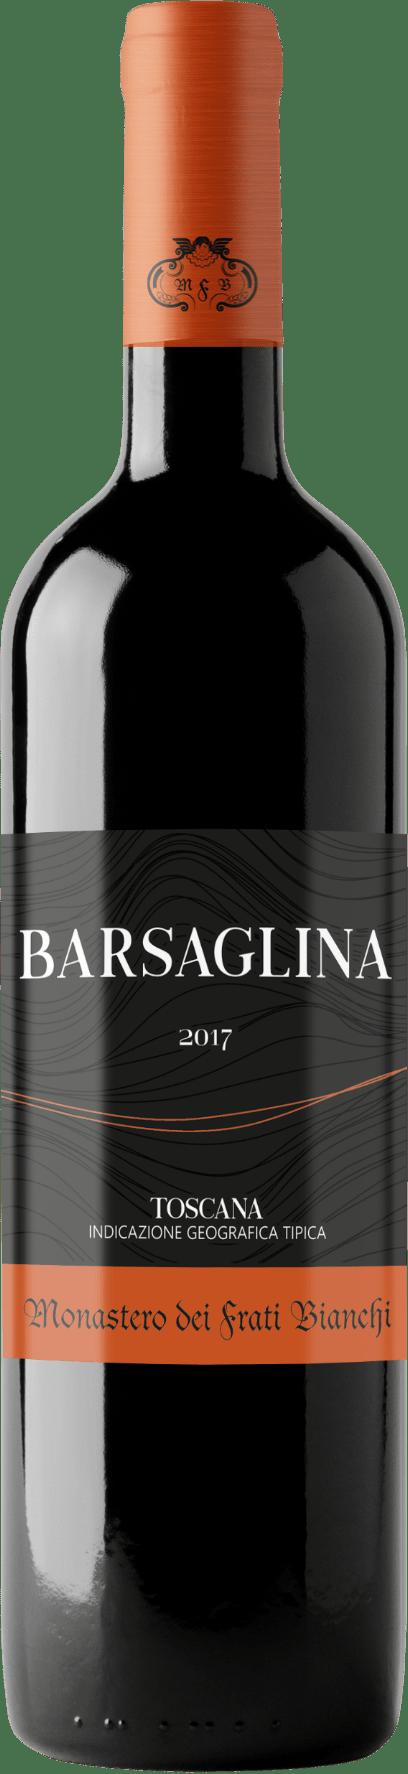 bottiglia-vino-barsaglina-monastero-frati-bianchi-min